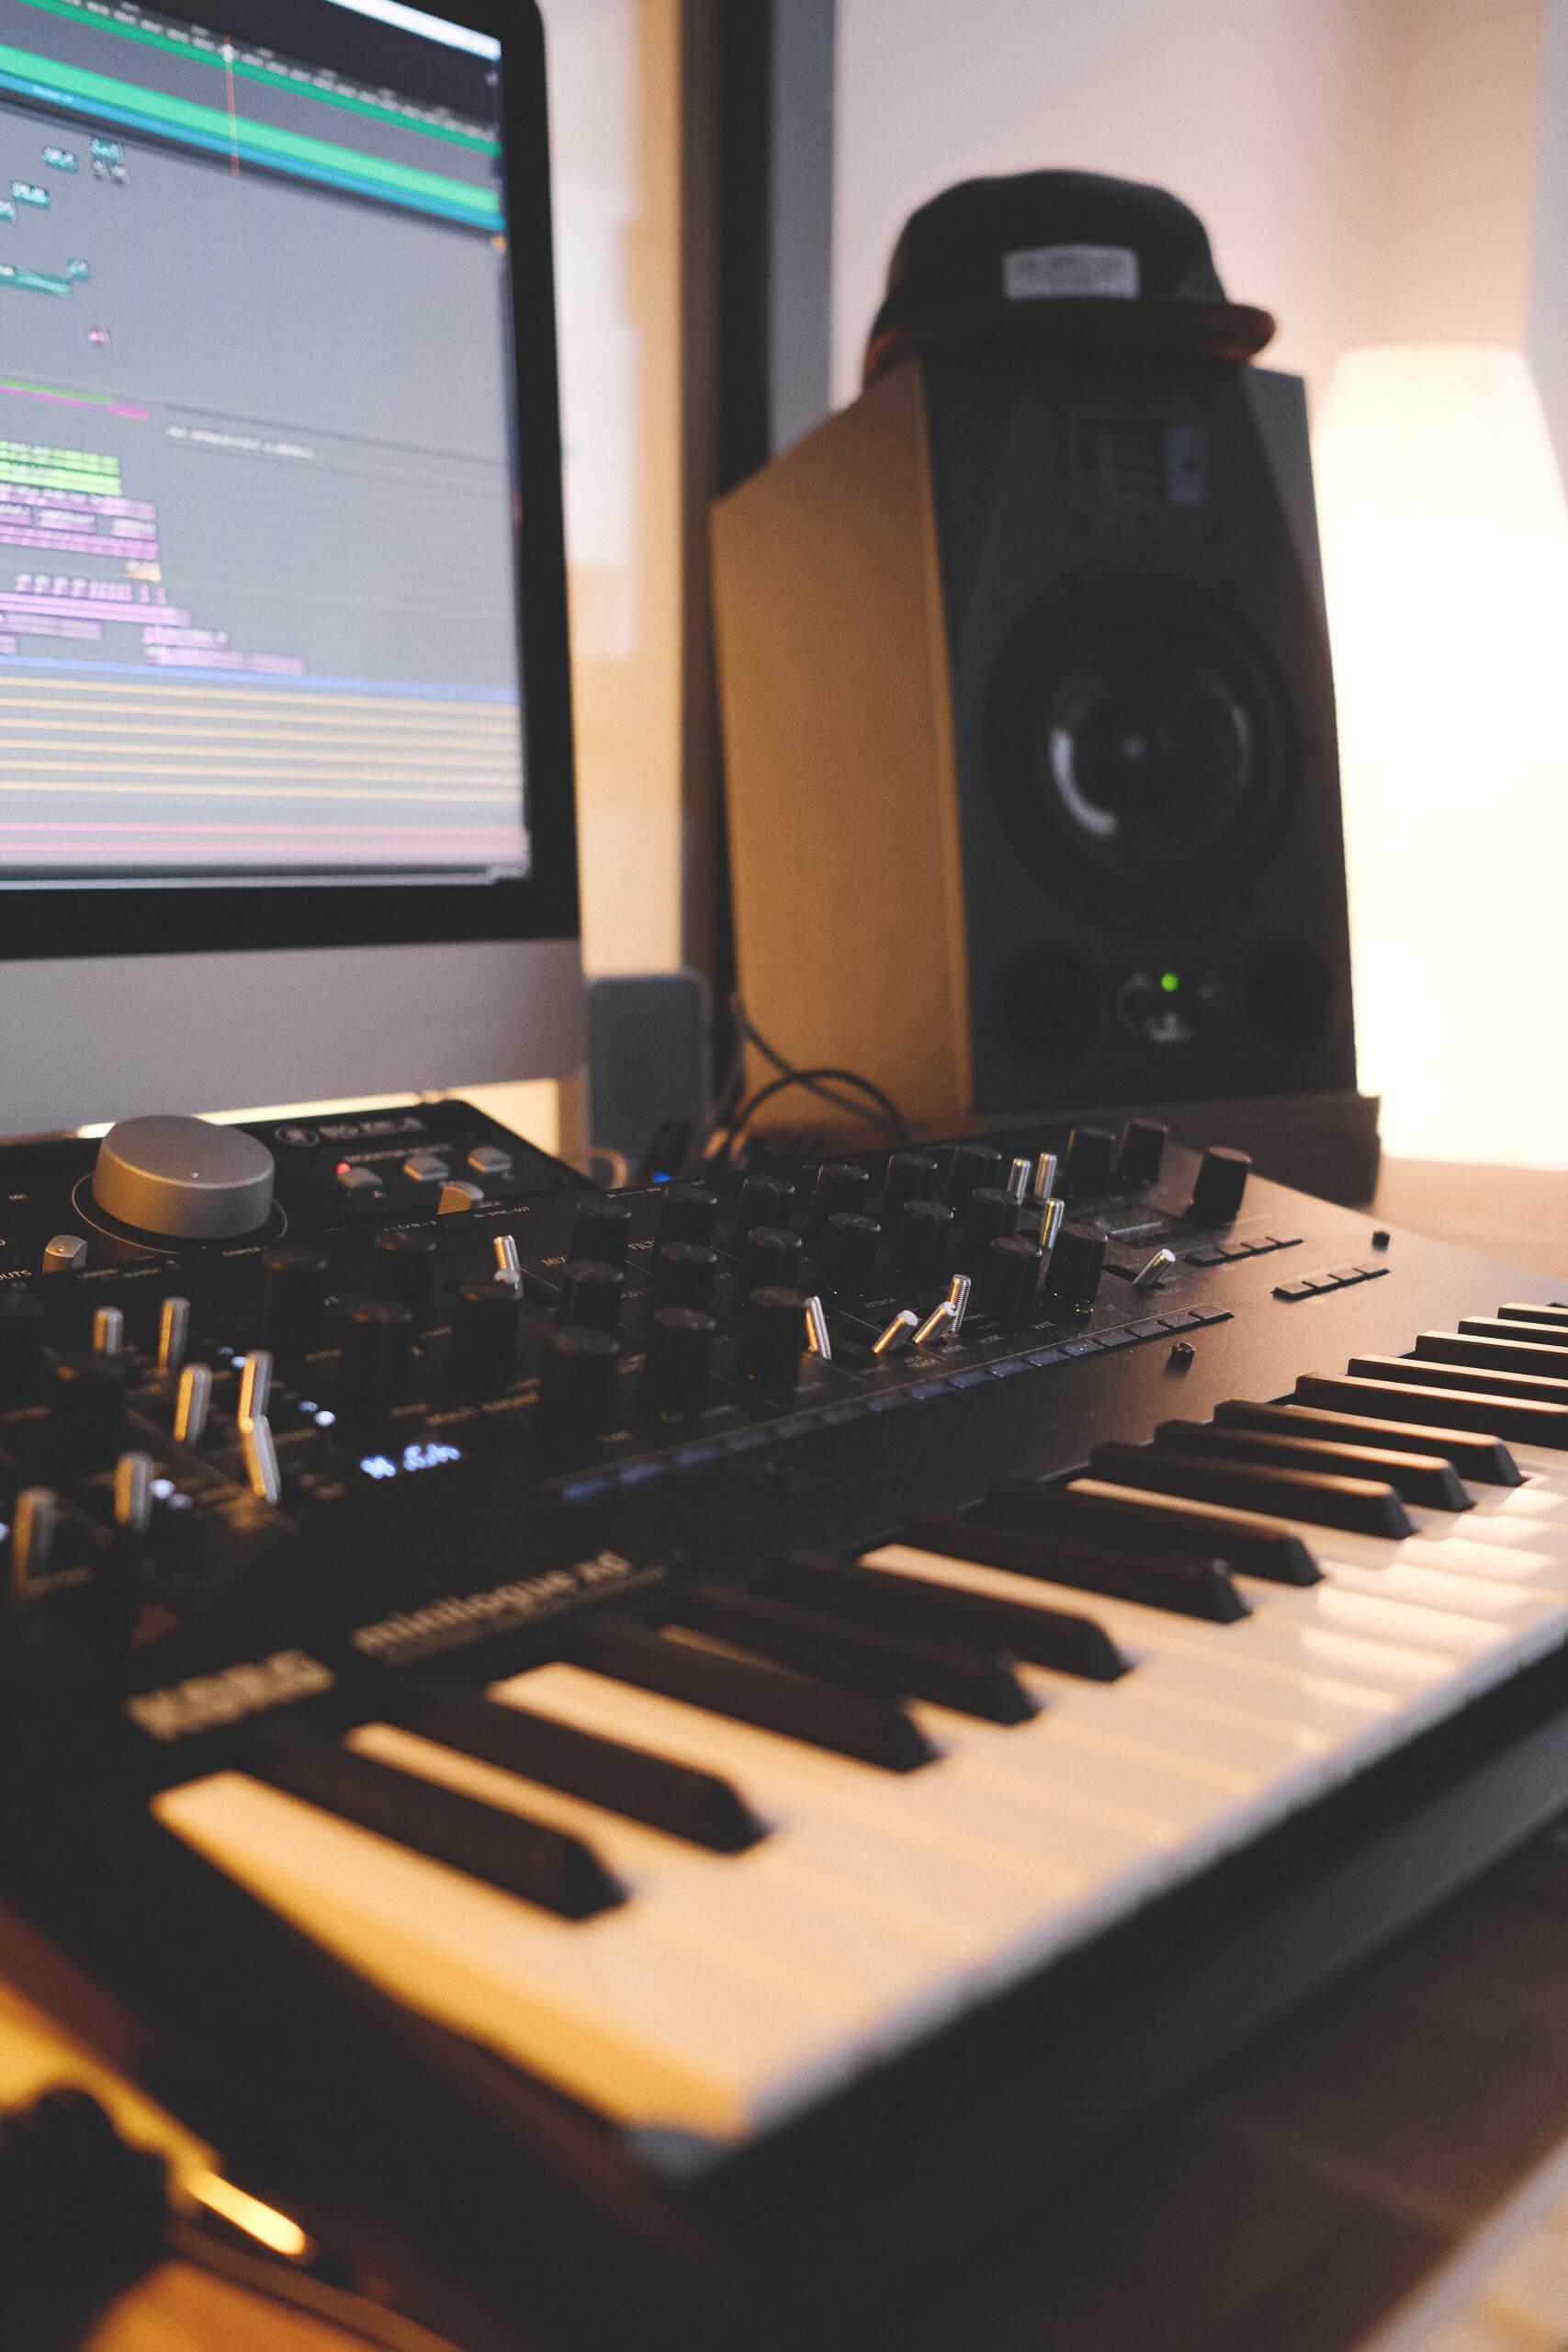 Studiotechnik mit Bildschirm Keyboard und Lautsprechern